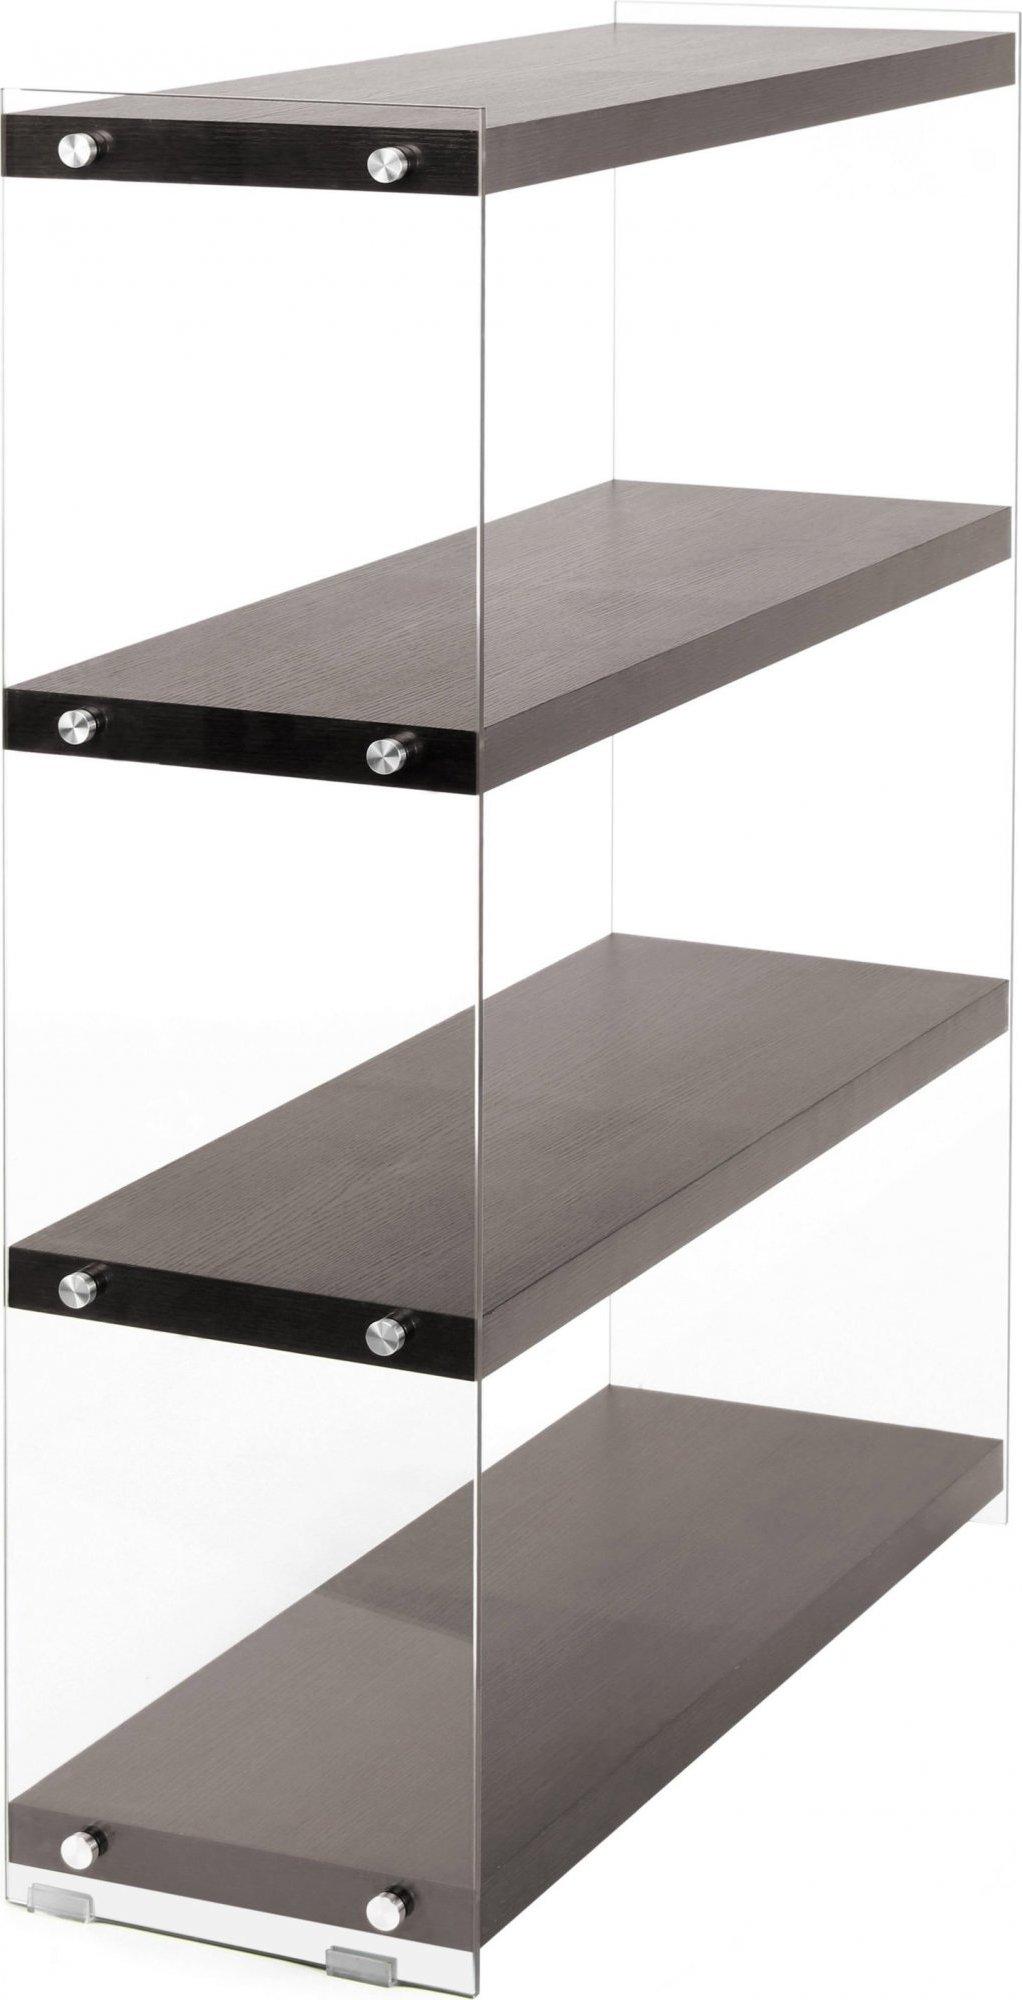 Etagère 4 étagères bois marron montant verre h113cm